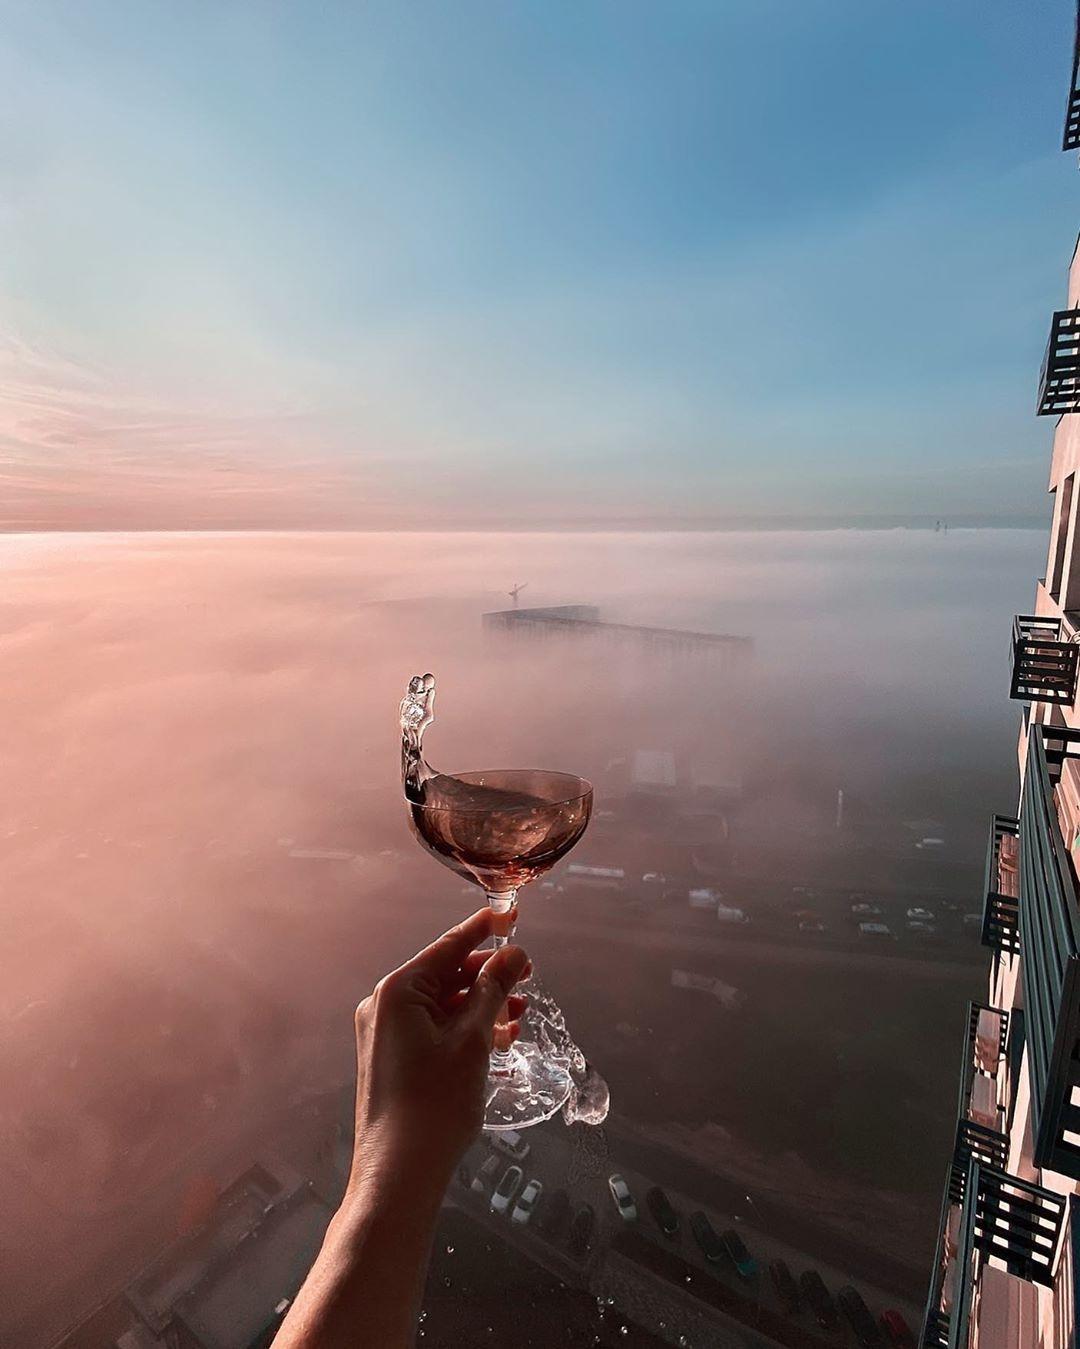 А как насчет того, чтобы поменять перспективу и взлететь выше облаков? @elineckajulia показывает как выглядит такая перспектива